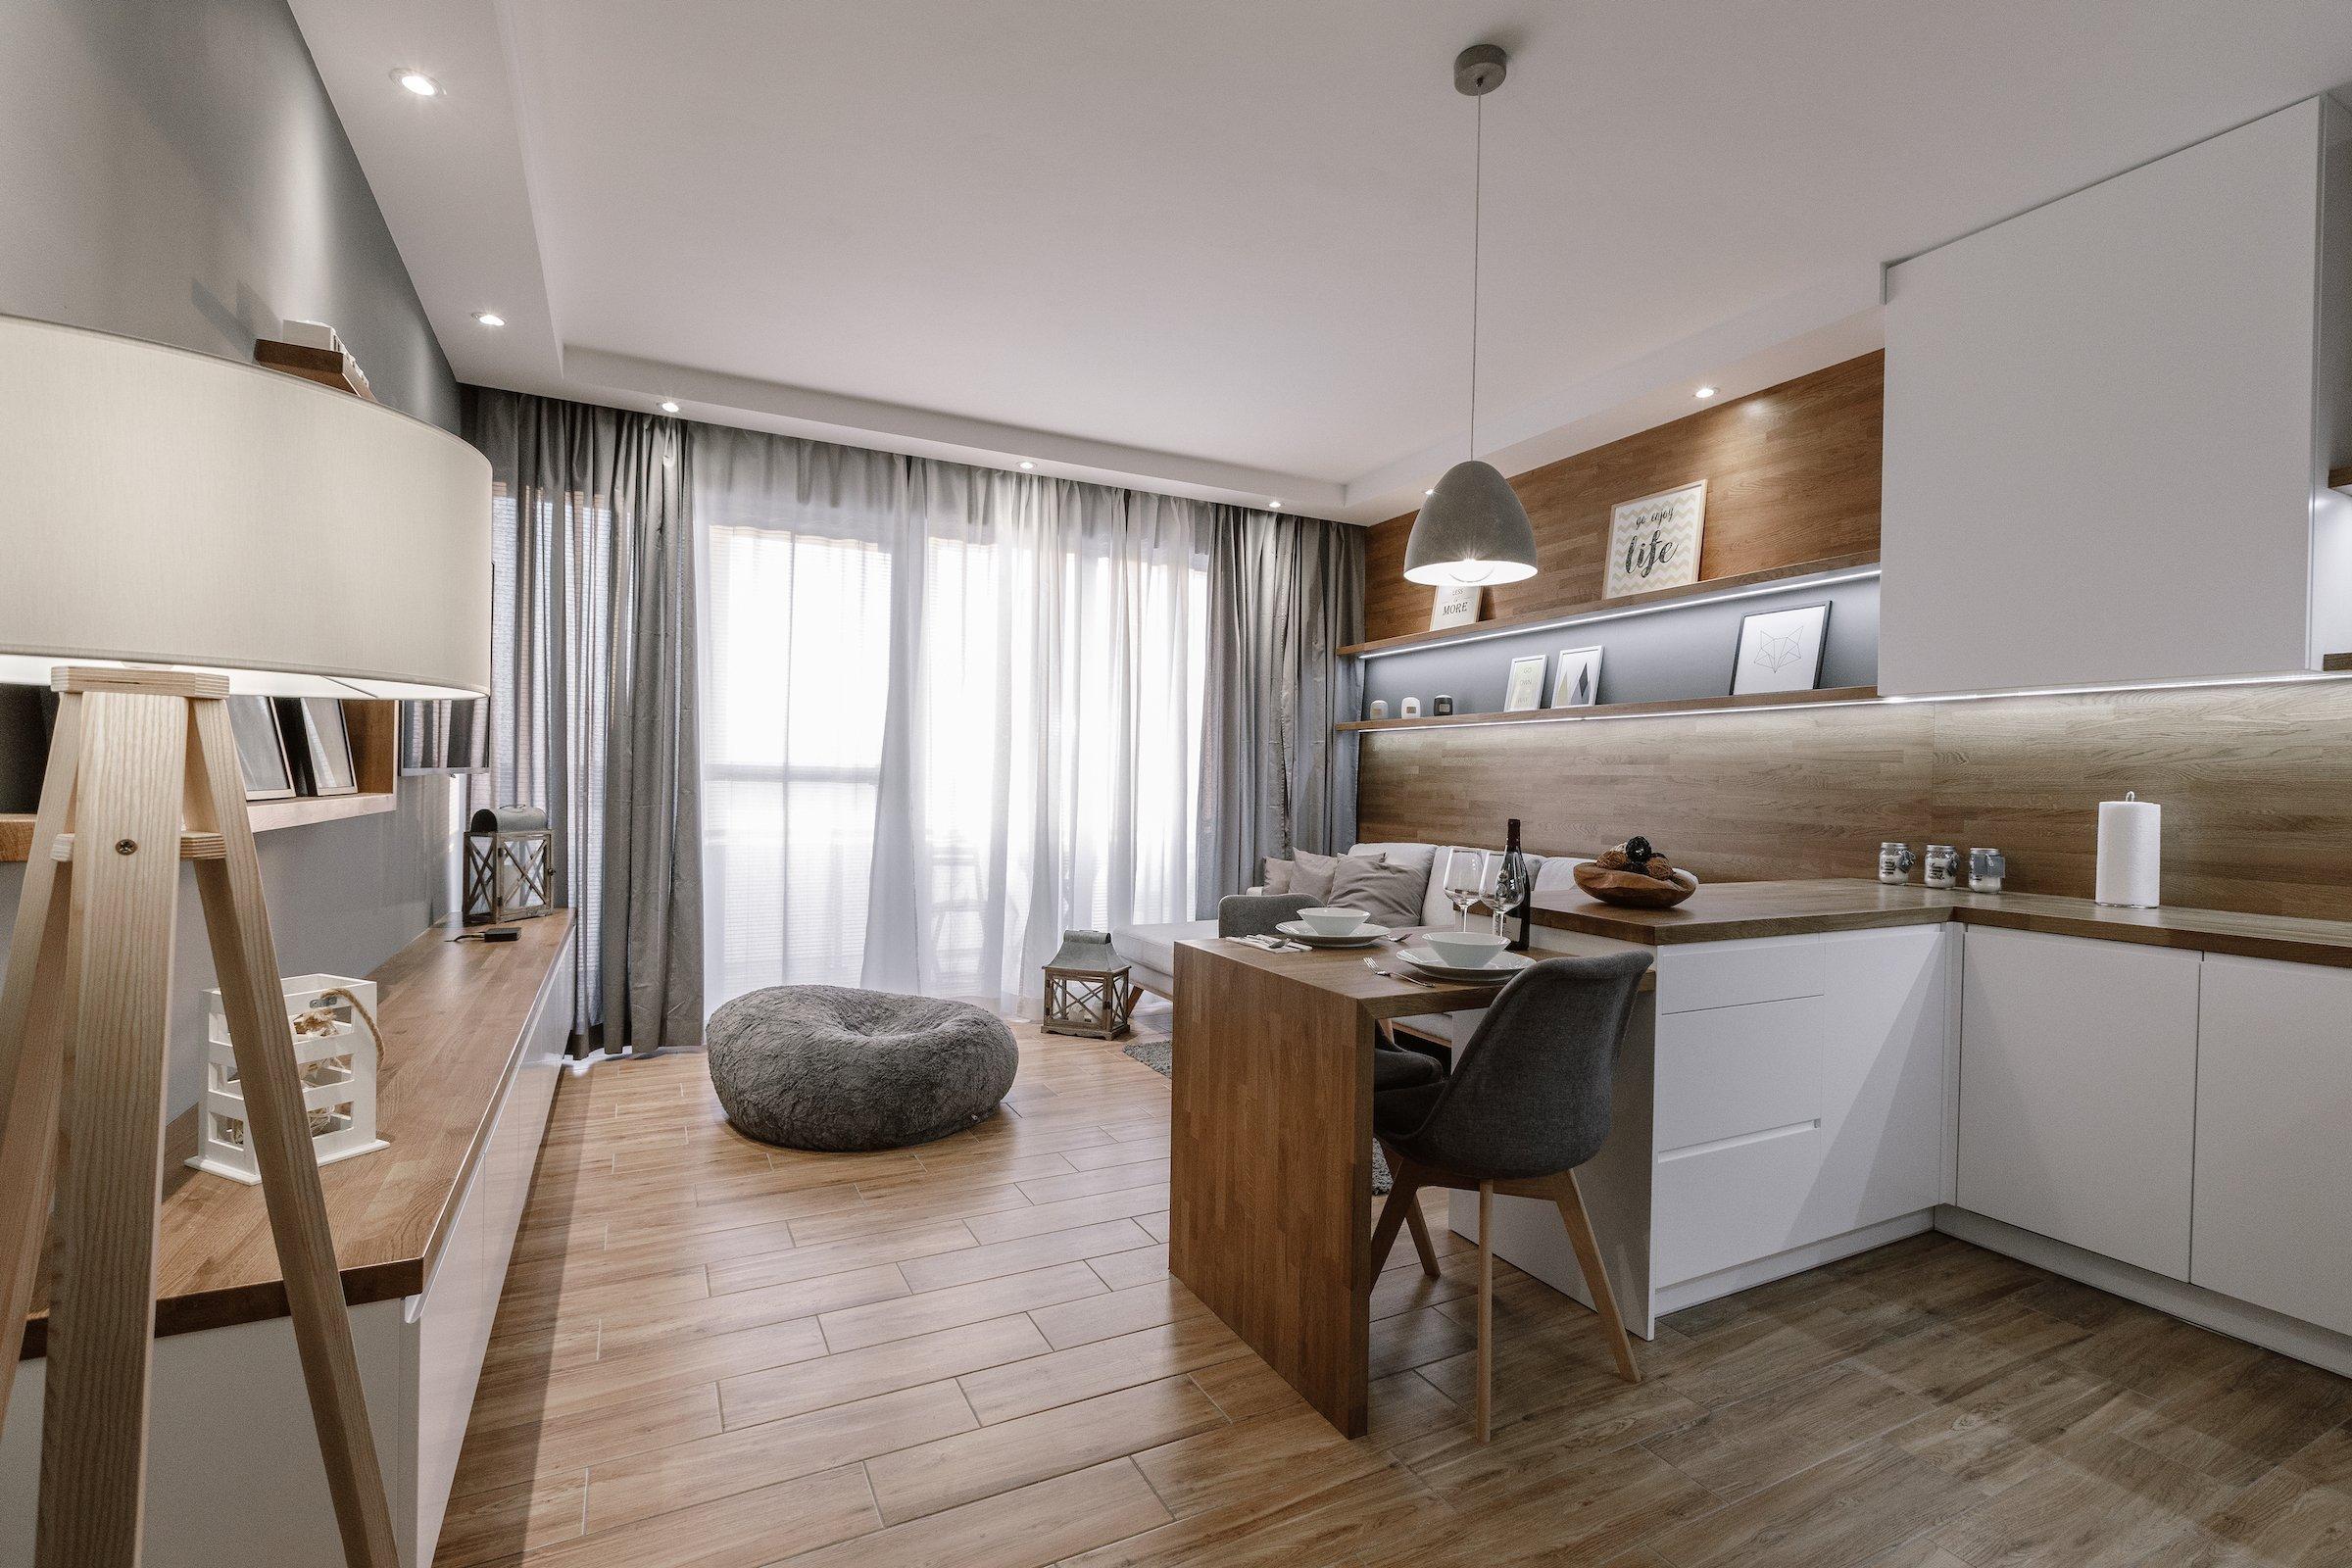 V současnosti vniká stále více bytových domů, které se snaží jít s dobou a svým obyvatelům poskytnout co největší komfort. Jedním z těchto případů je i projekt s názvem Green Village, v němž se nachází i byt, na který se dnes zaměříme.